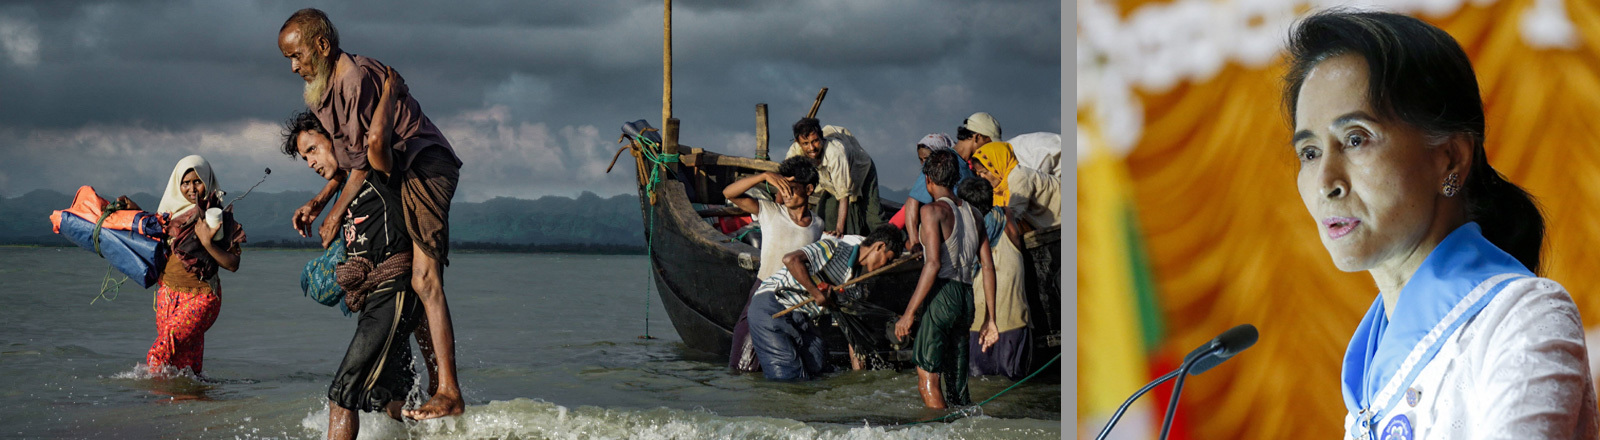 Eine Collage aus zwei Fotos: Das Foto links zeigt, wie am 13. September Rohingyas aus Myanmar in einem Boot in Bangladesch ankommen. Sie sind auf der Flucht. Das rechte Foto zeigt Friedensnobelpreisträgerin Aung Suu Kyi.